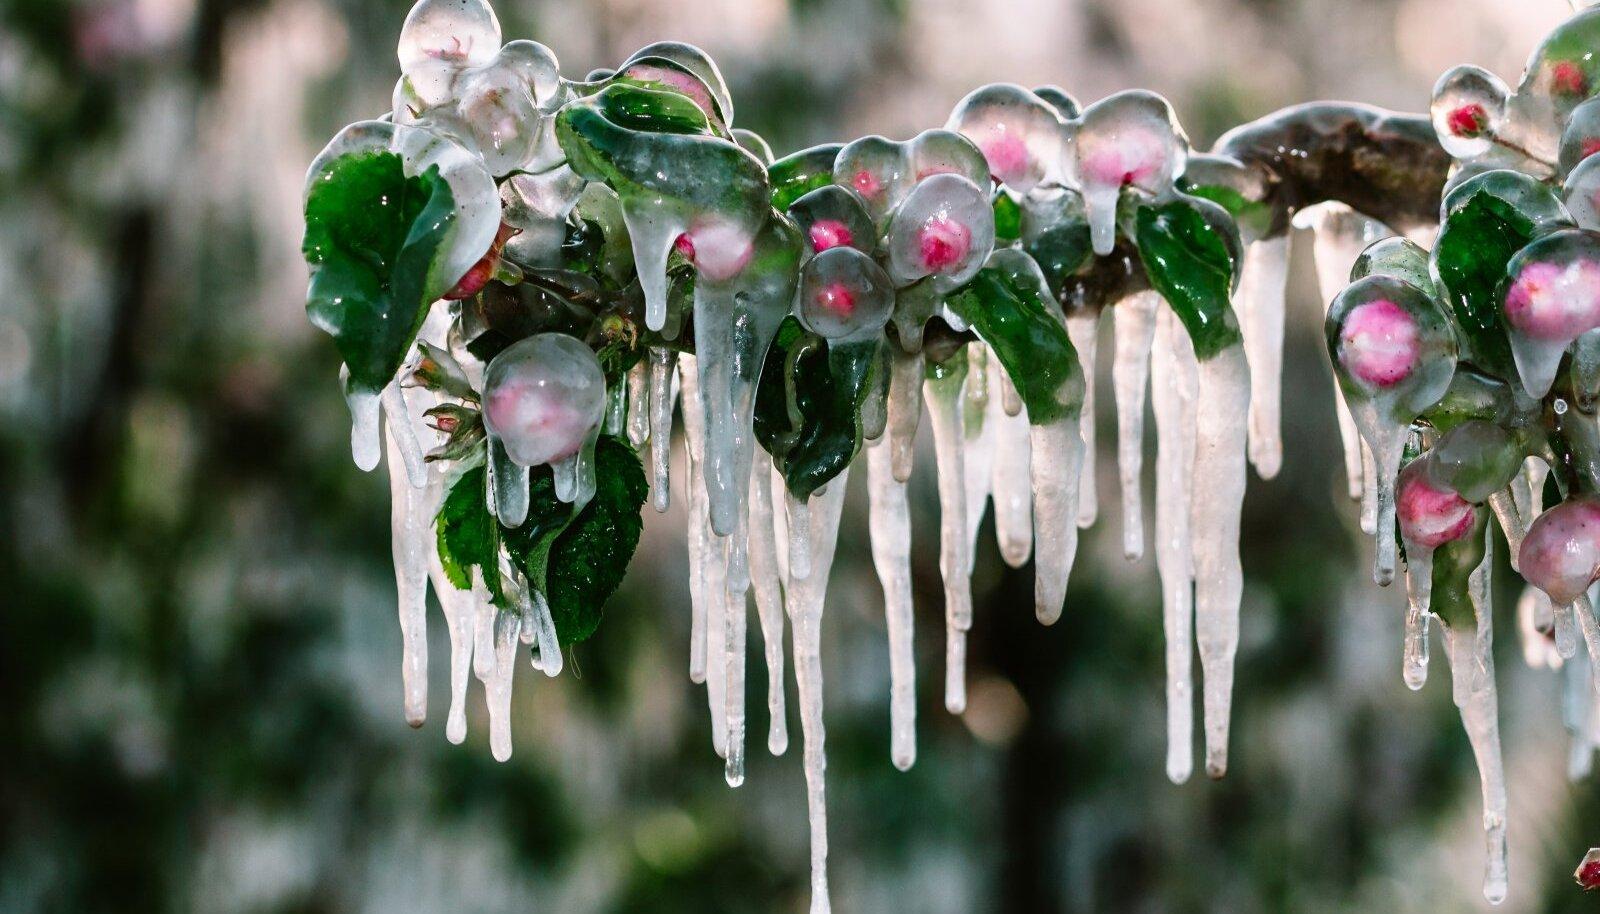 Ootamatu külma korral saavad kõige enam kahjustusi juba korralikult kasvama hakanud viljapuud.